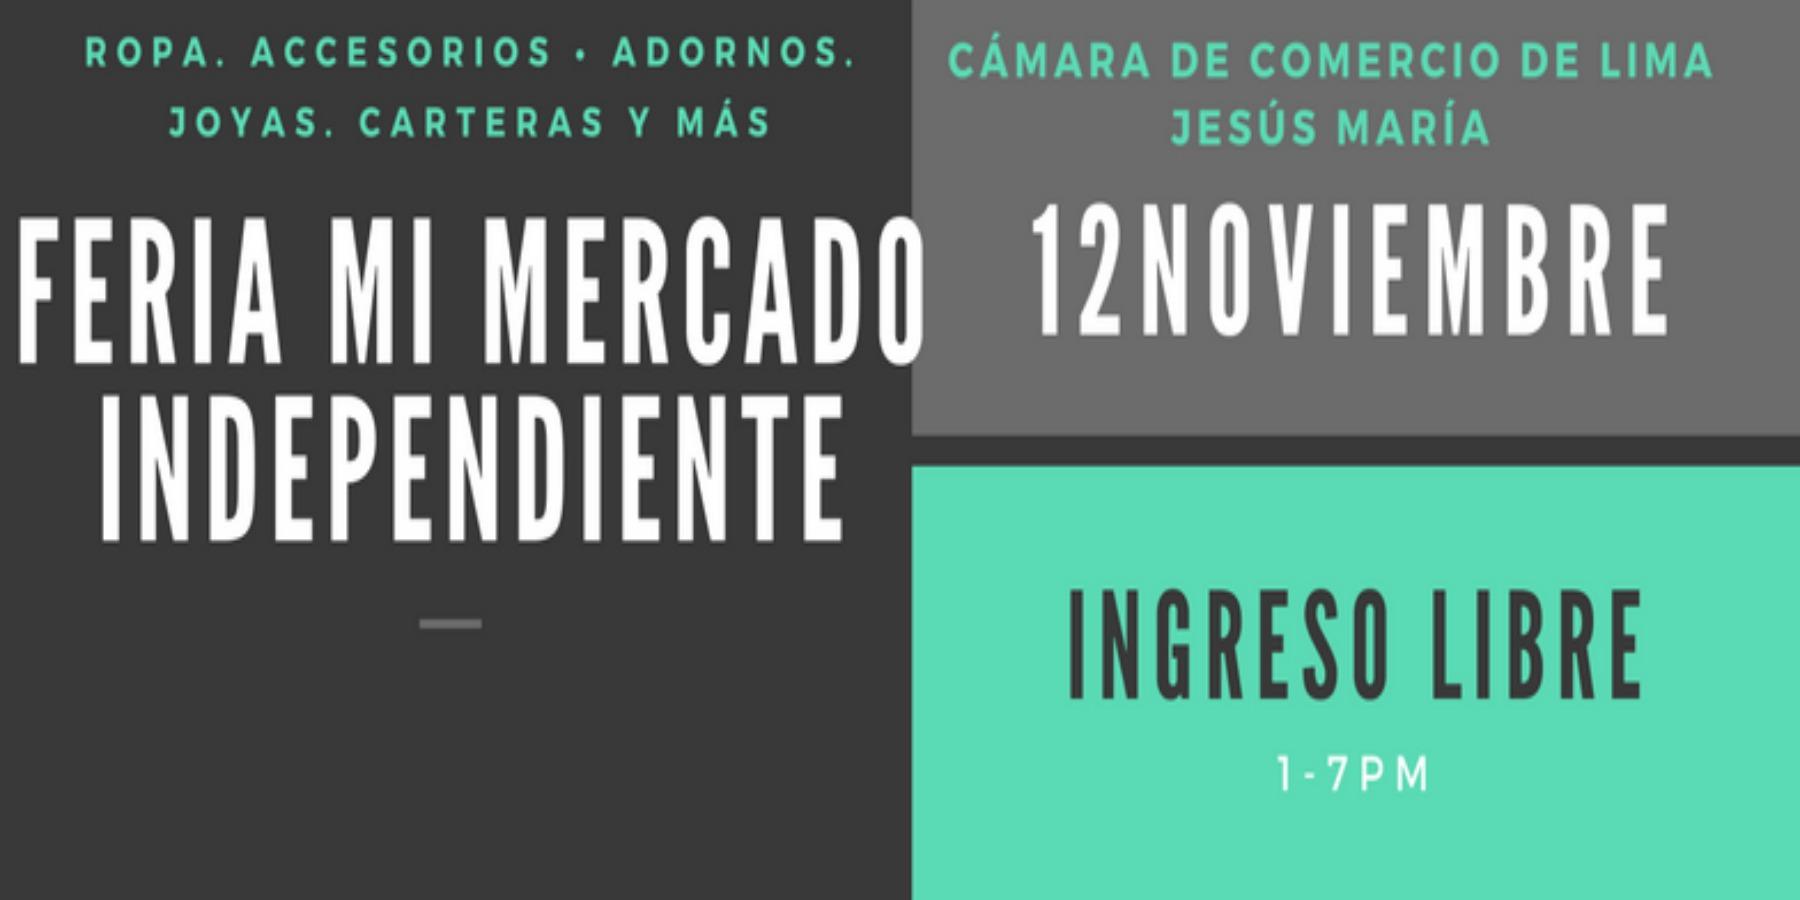 Feria Mi Mercado Independiente | Cámara de Comercio de Lima